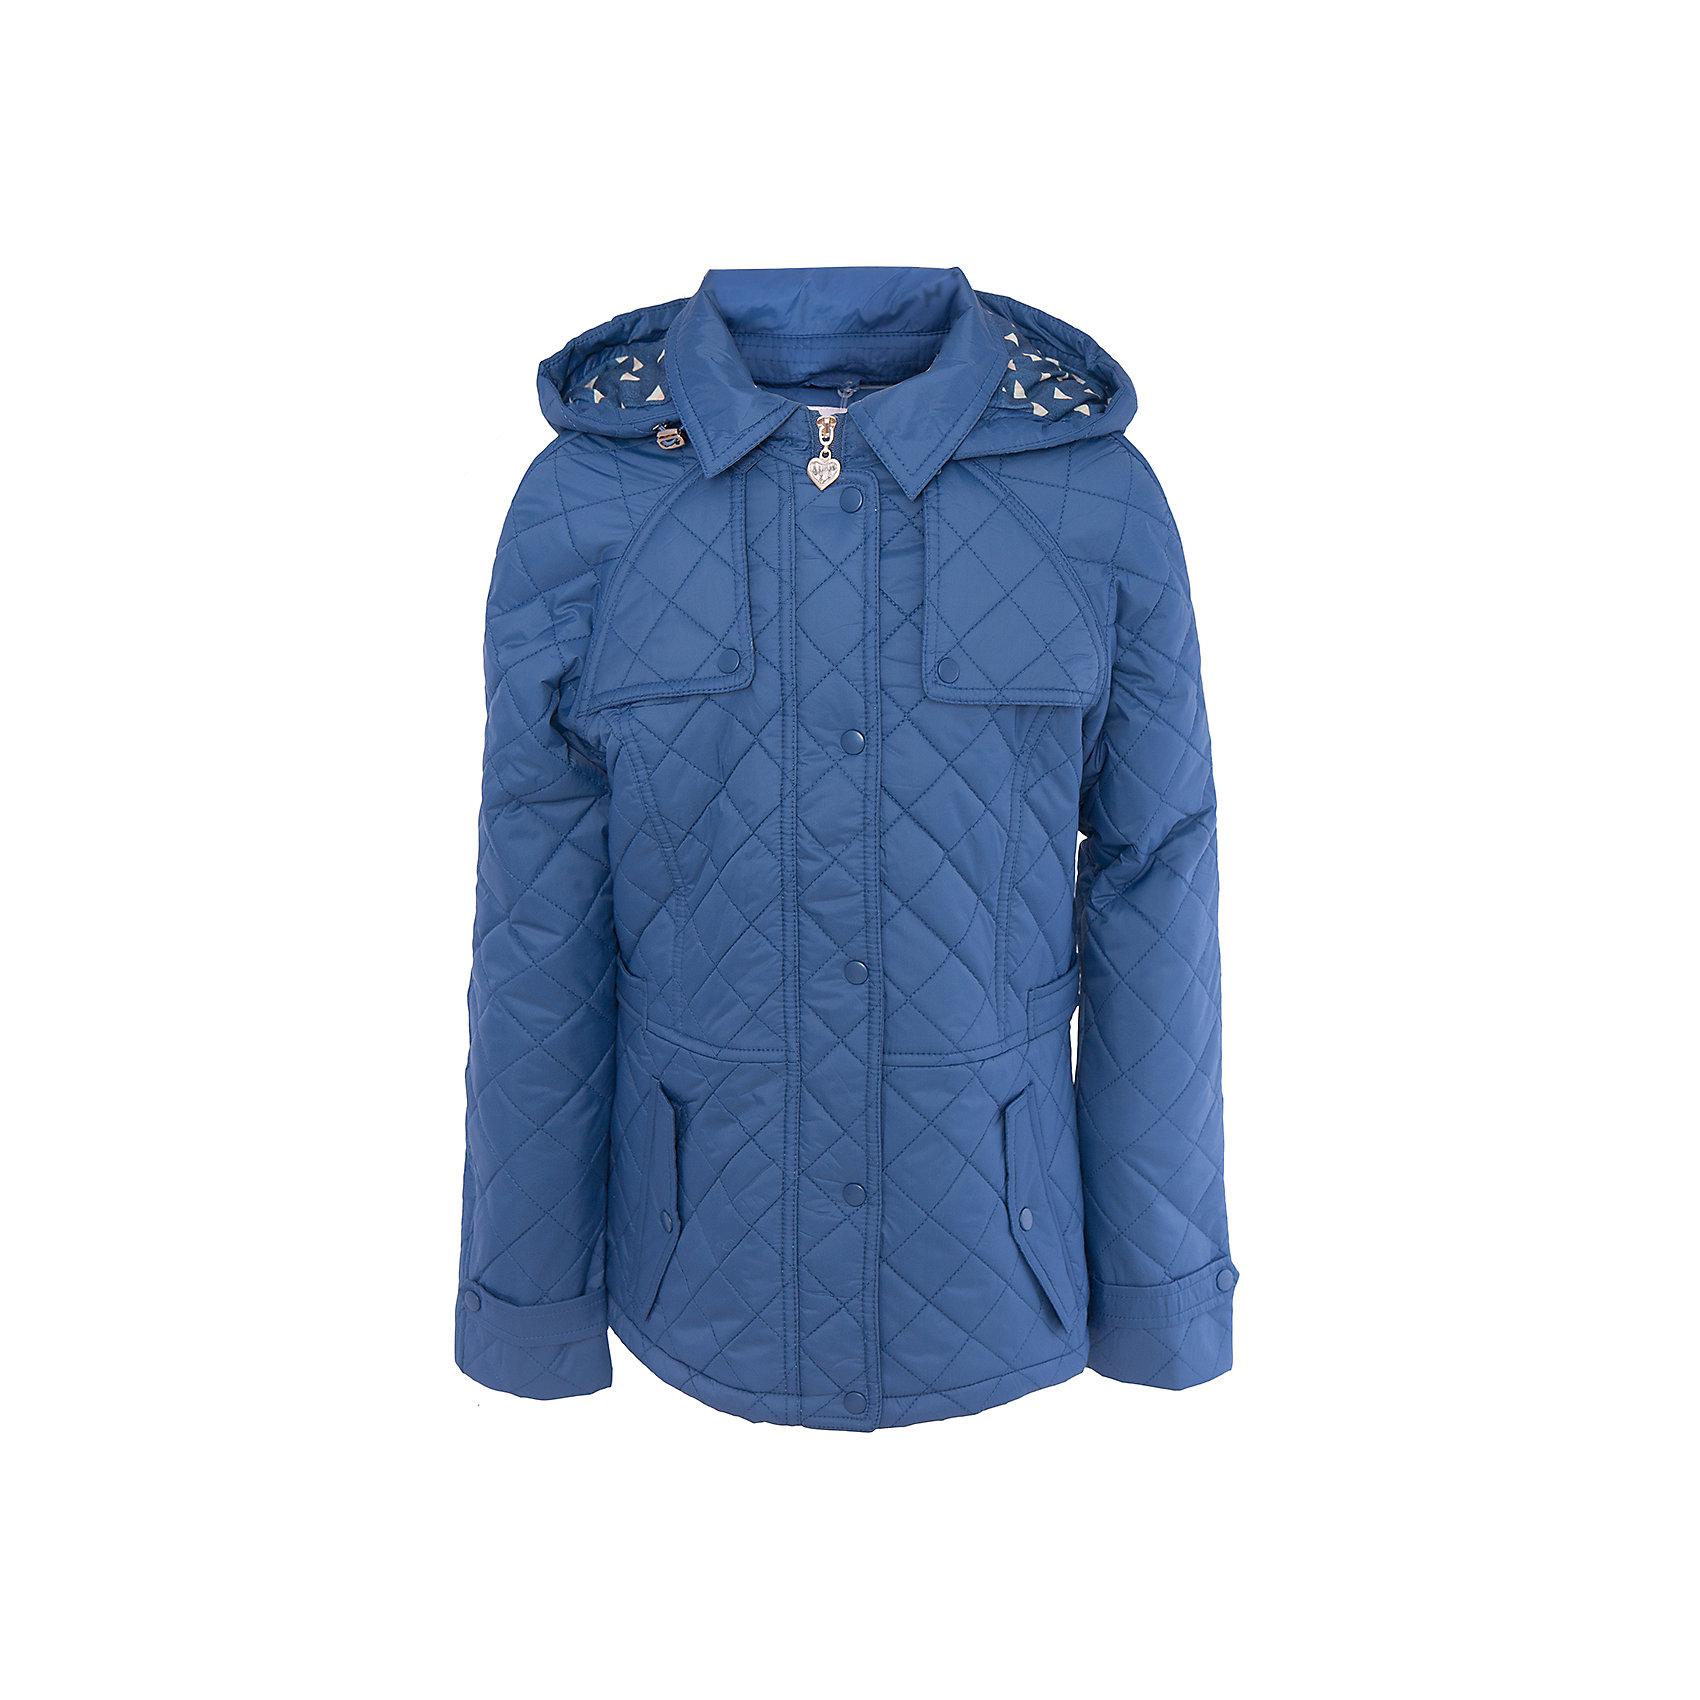 Куртка для девочки SELAВерхняя одежда<br>Характеристики товара:<br><br>• цвет: синий<br>• состав: 100% ПА; подкладка: 90% ПЭ, 10% хлопок; подкладка рукава: 100% ПЭ; утеплитель: 100% ПЭ<br>• температурный режим: от +5°до +15°С<br>• демисезон<br>• силуэт полуприлегающий<br>• отложной воротник<br>• молния<br>• планка от ветра<br>• стеганая<br>• съёмный капюшон дополнен кулиской<br>• два кармана на кнопках<br>• коллекция весна-лето 2017<br>• страна бренда: Российская Федерация<br>• страна изготовитель: Китай<br><br>Вещи из новой коллекции SELA продолжают радовать удобством! Легкая куртка для девочки поможет разнообразить гардероб ребенка и обеспечить комфорт. Она отлично сочетается с юбками и брюками. Очень стильно смотрится!<br><br>Одежда, обувь и аксессуары от российского бренда SELA не зря пользуются большой популярностью у детей и взрослых! Модели этой марки - стильные и удобные, цена при этом неизменно остается доступной. Для их производства используются только безопасные, качественные материалы и фурнитура. Новая коллекция поддерживает хорошие традиции бренда! <br><br>Куртку для девочки от популярного бренда SELA (СЕЛА) можно купить в нашем интернет-магазине.<br><br>Ширина мм: 356<br>Глубина мм: 10<br>Высота мм: 245<br>Вес г: 519<br>Цвет: синий<br>Возраст от месяцев: 84<br>Возраст до месяцев: 96<br>Пол: Женский<br>Возраст: Детский<br>Размер: 128,140,152,116<br>SKU: 5305178